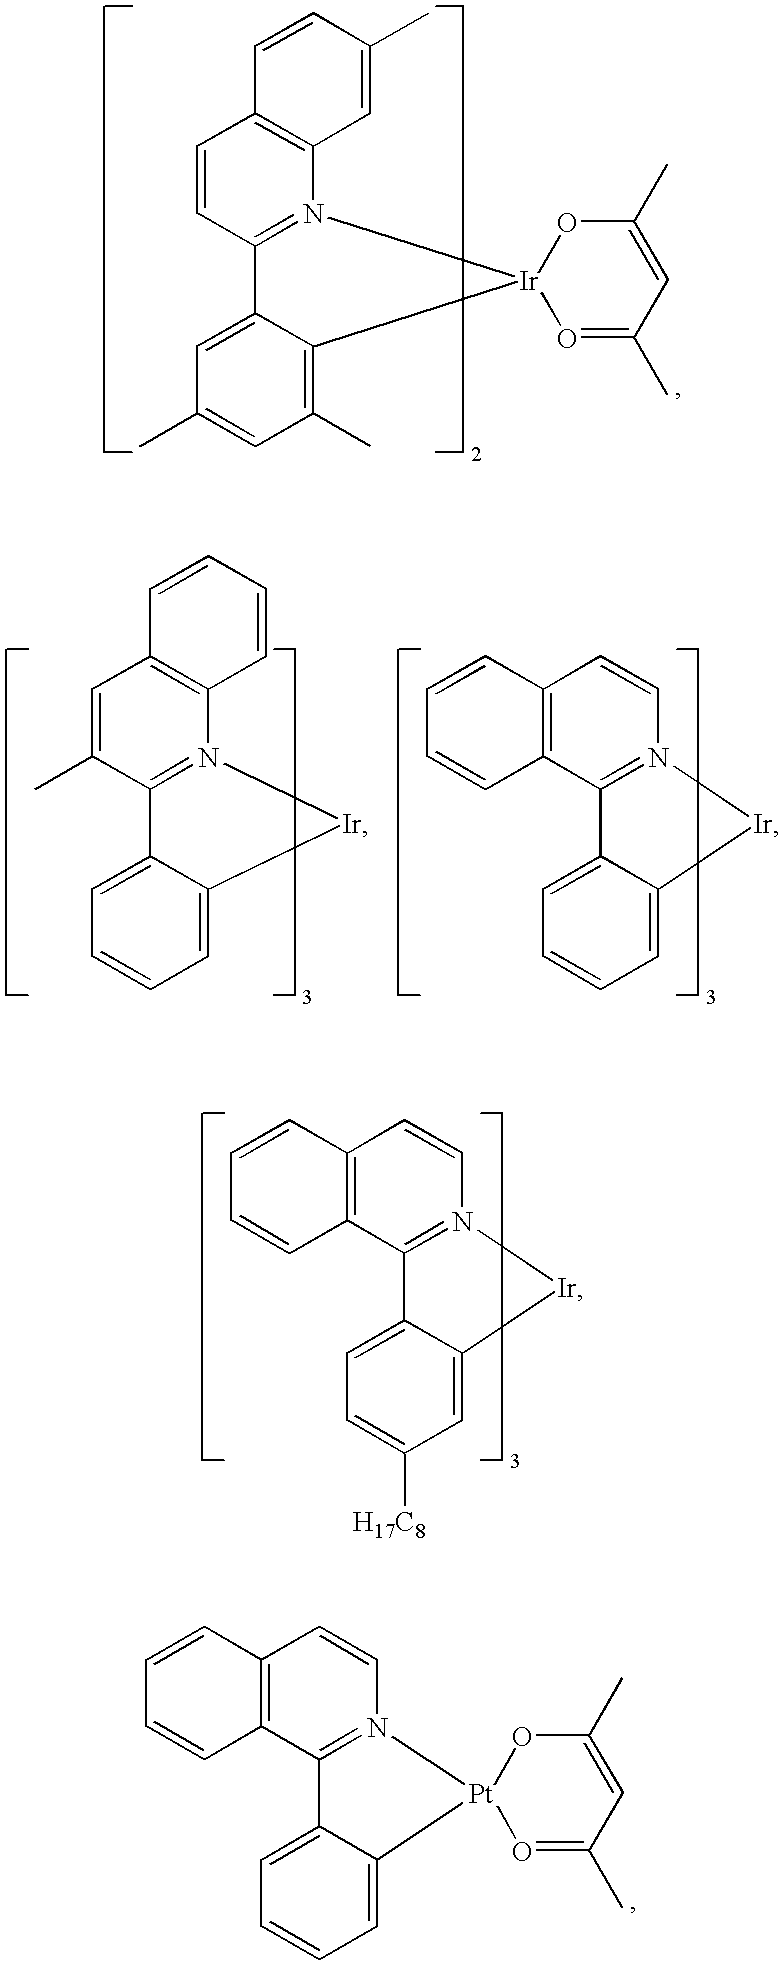 Figure US20100072887A1-20100325-C00224